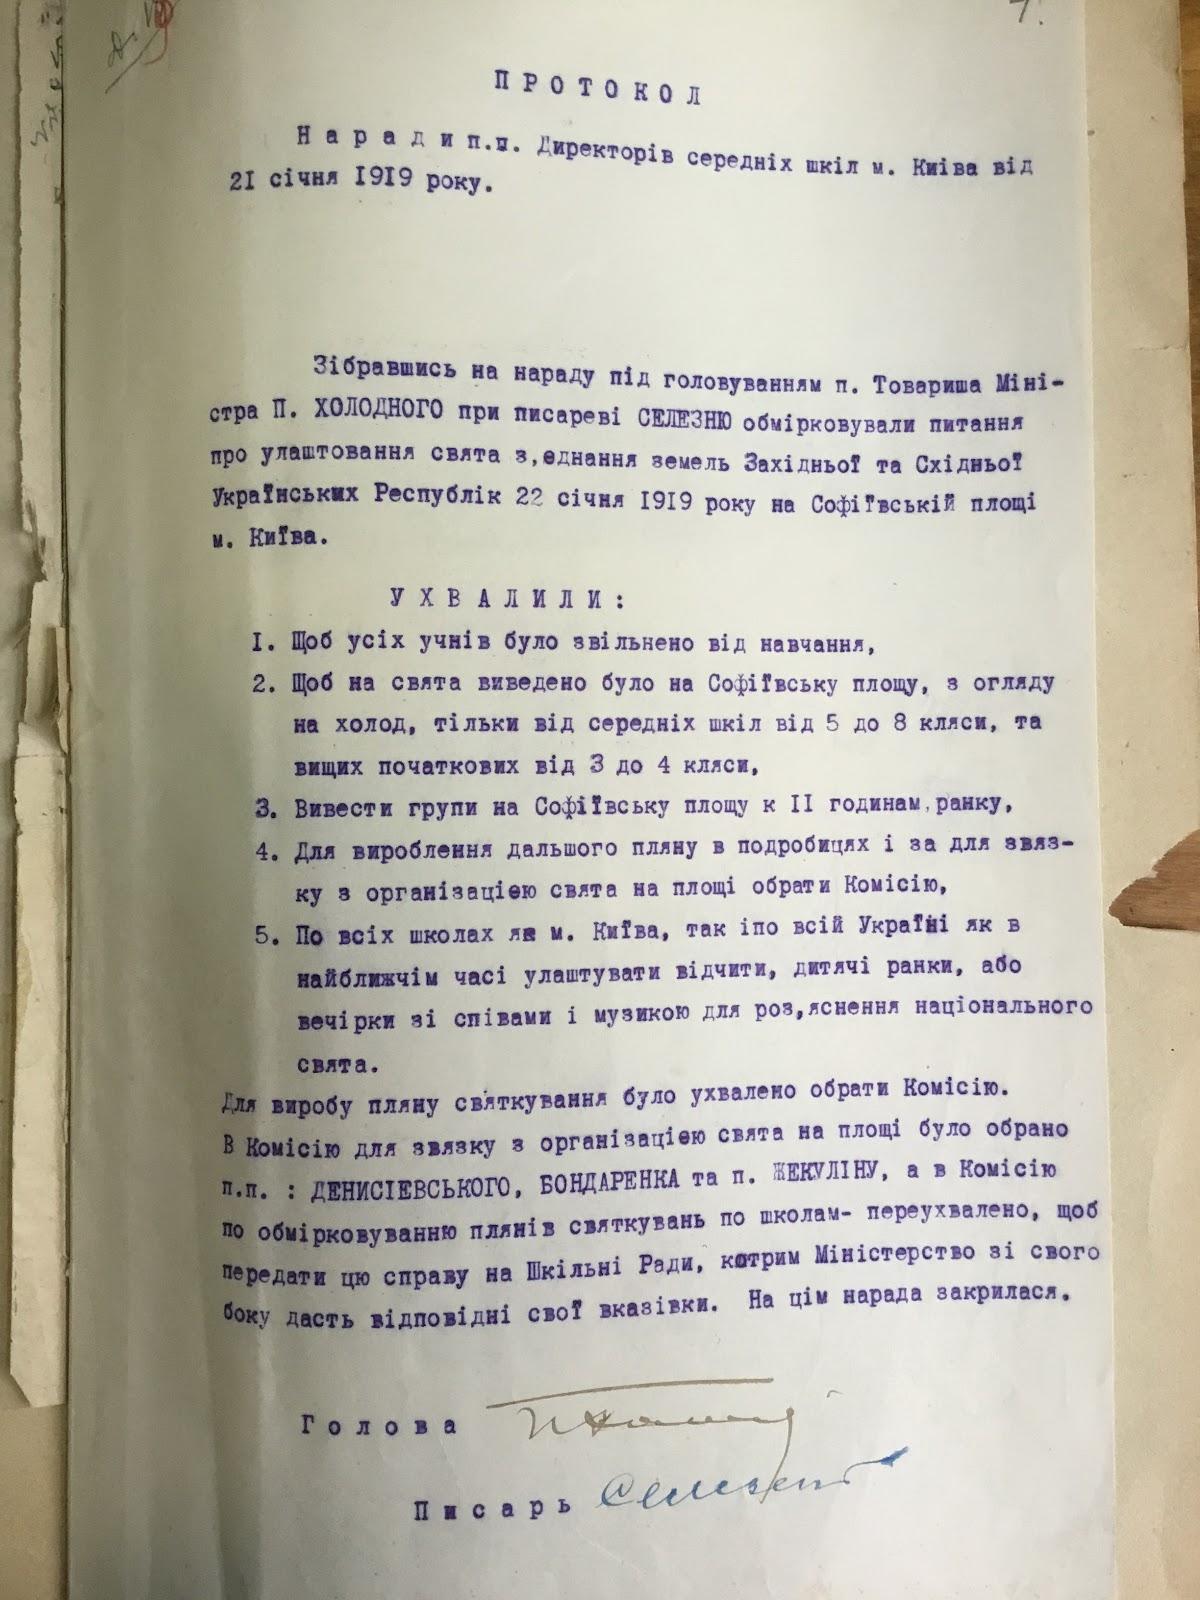 Протокол наради директорів київських шкіл